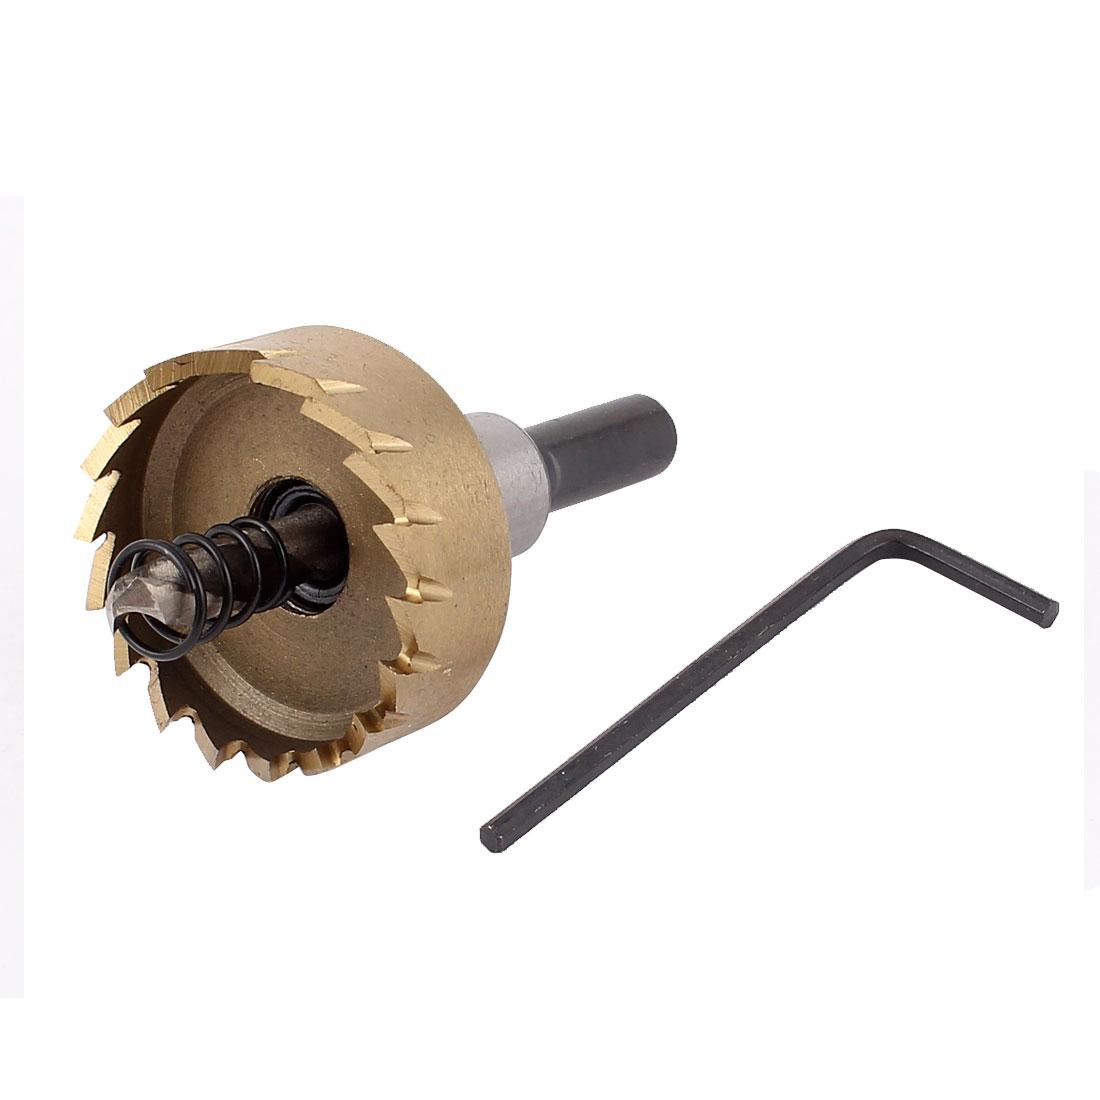 35mm Cutting Dia Triangle Shank Metal Iron Cutter HSS Twist Drill Bit Hole Saw